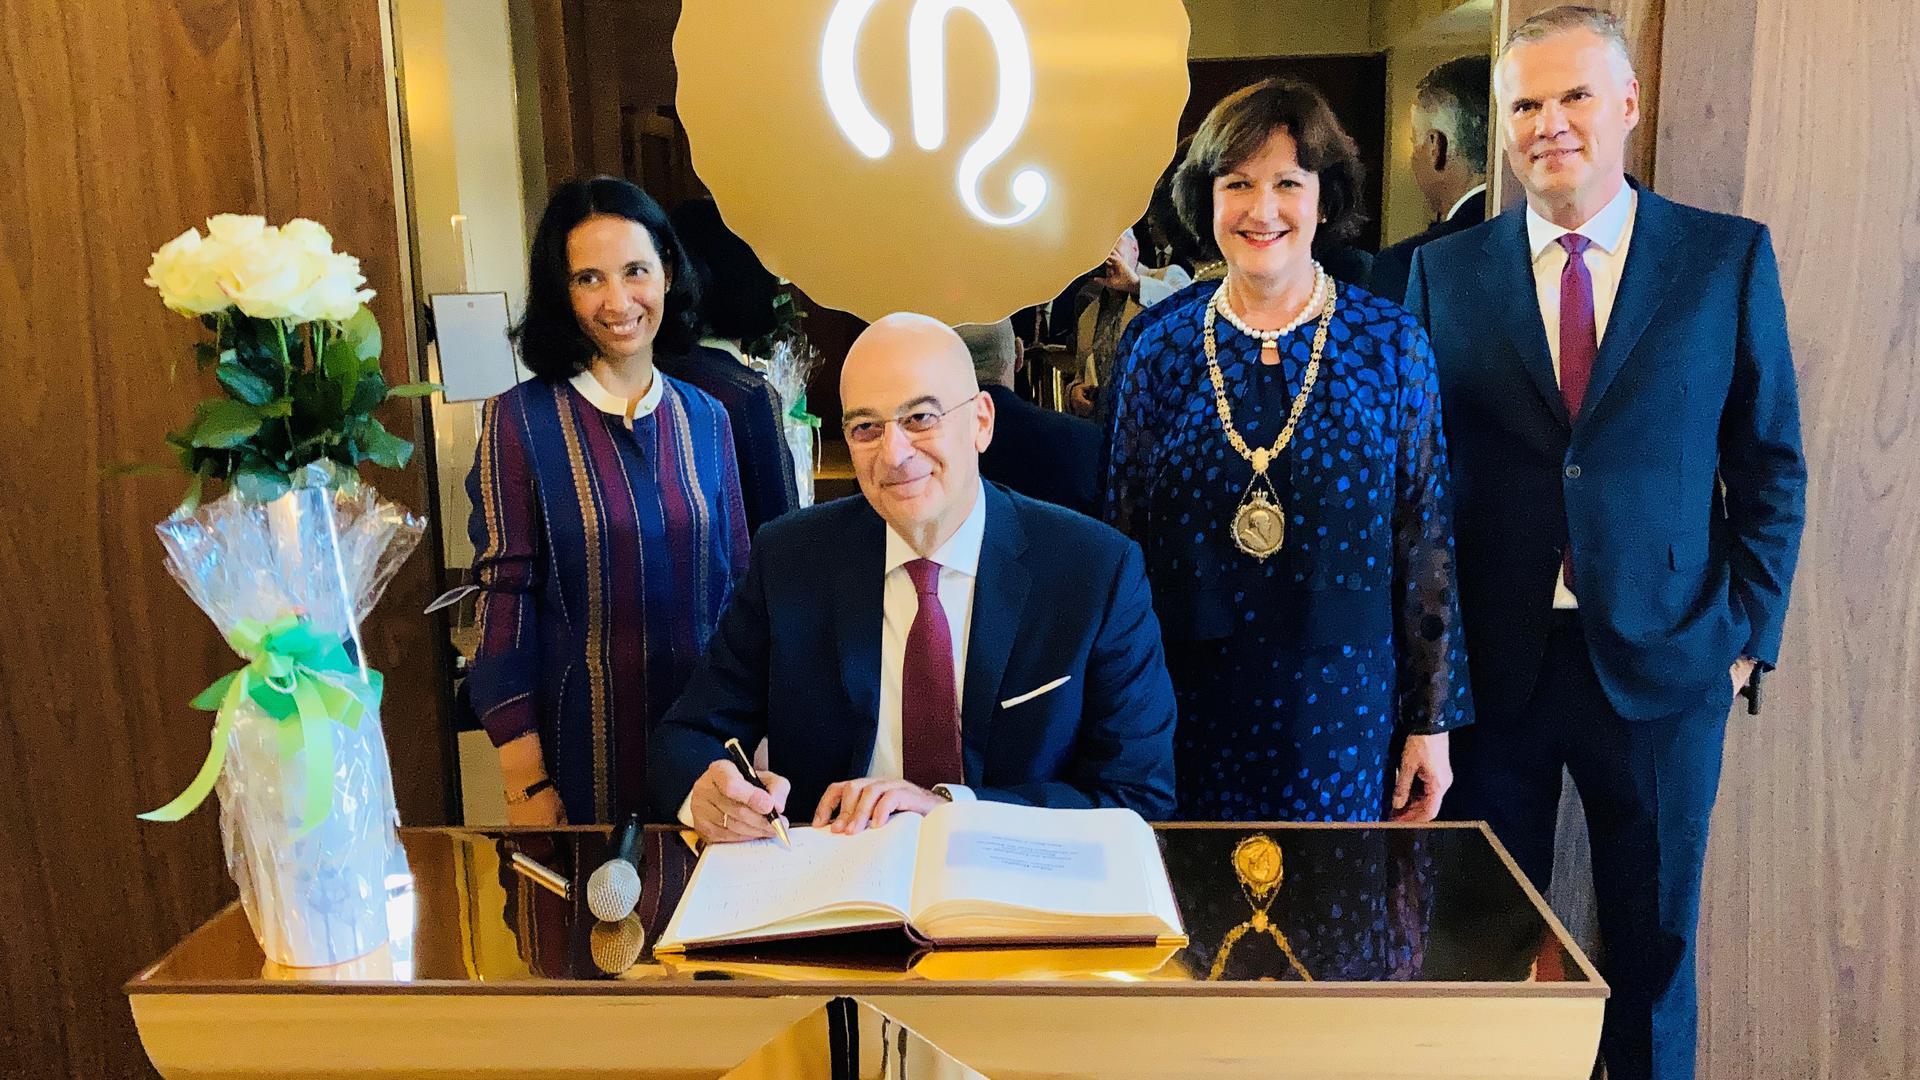 Der griechische Außenminister Nikos Dendias trägt sich in das Goldene Buch der Stadt Baden-Baden ein. Dahinter stehen Vasilika Basia (links), Oberbürgermeisterin Margret Mergen und Jörg Rockenhäuser.